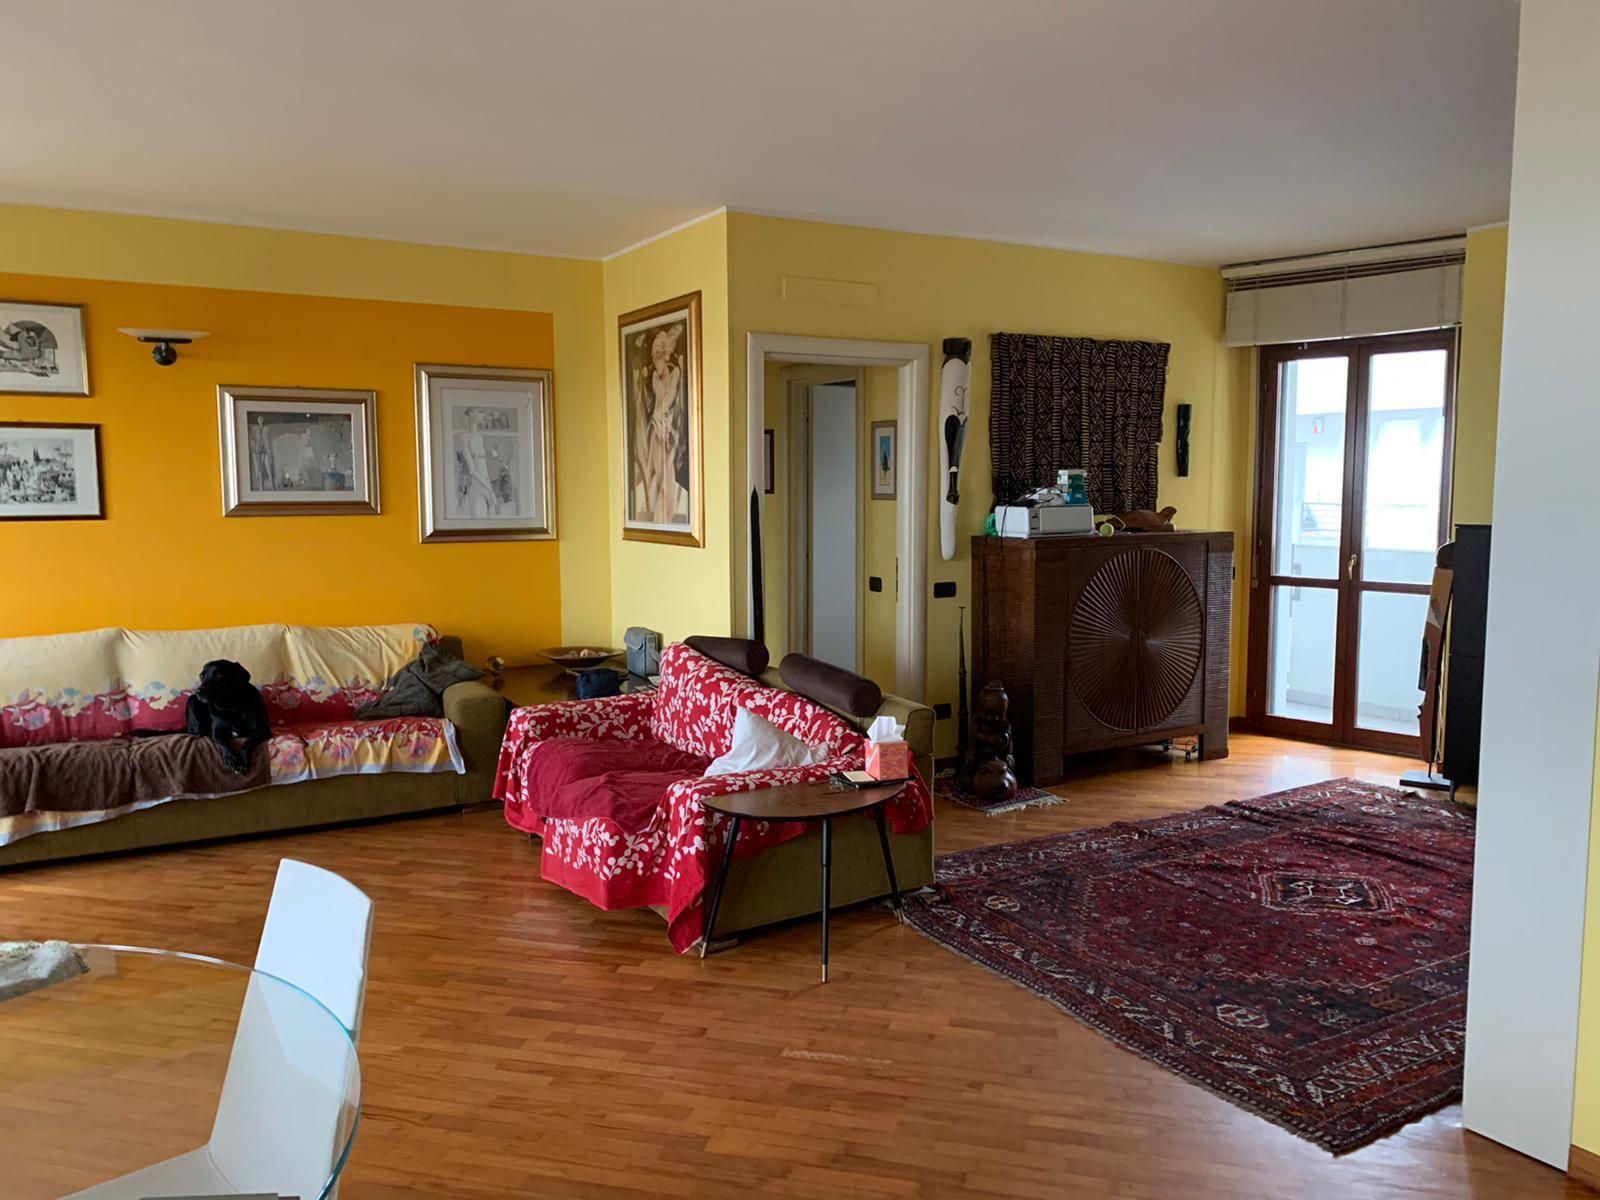 Attico / Mansarda in vendita a Vigevano, 4 locali, prezzo € 285.000 | PortaleAgenzieImmobiliari.it